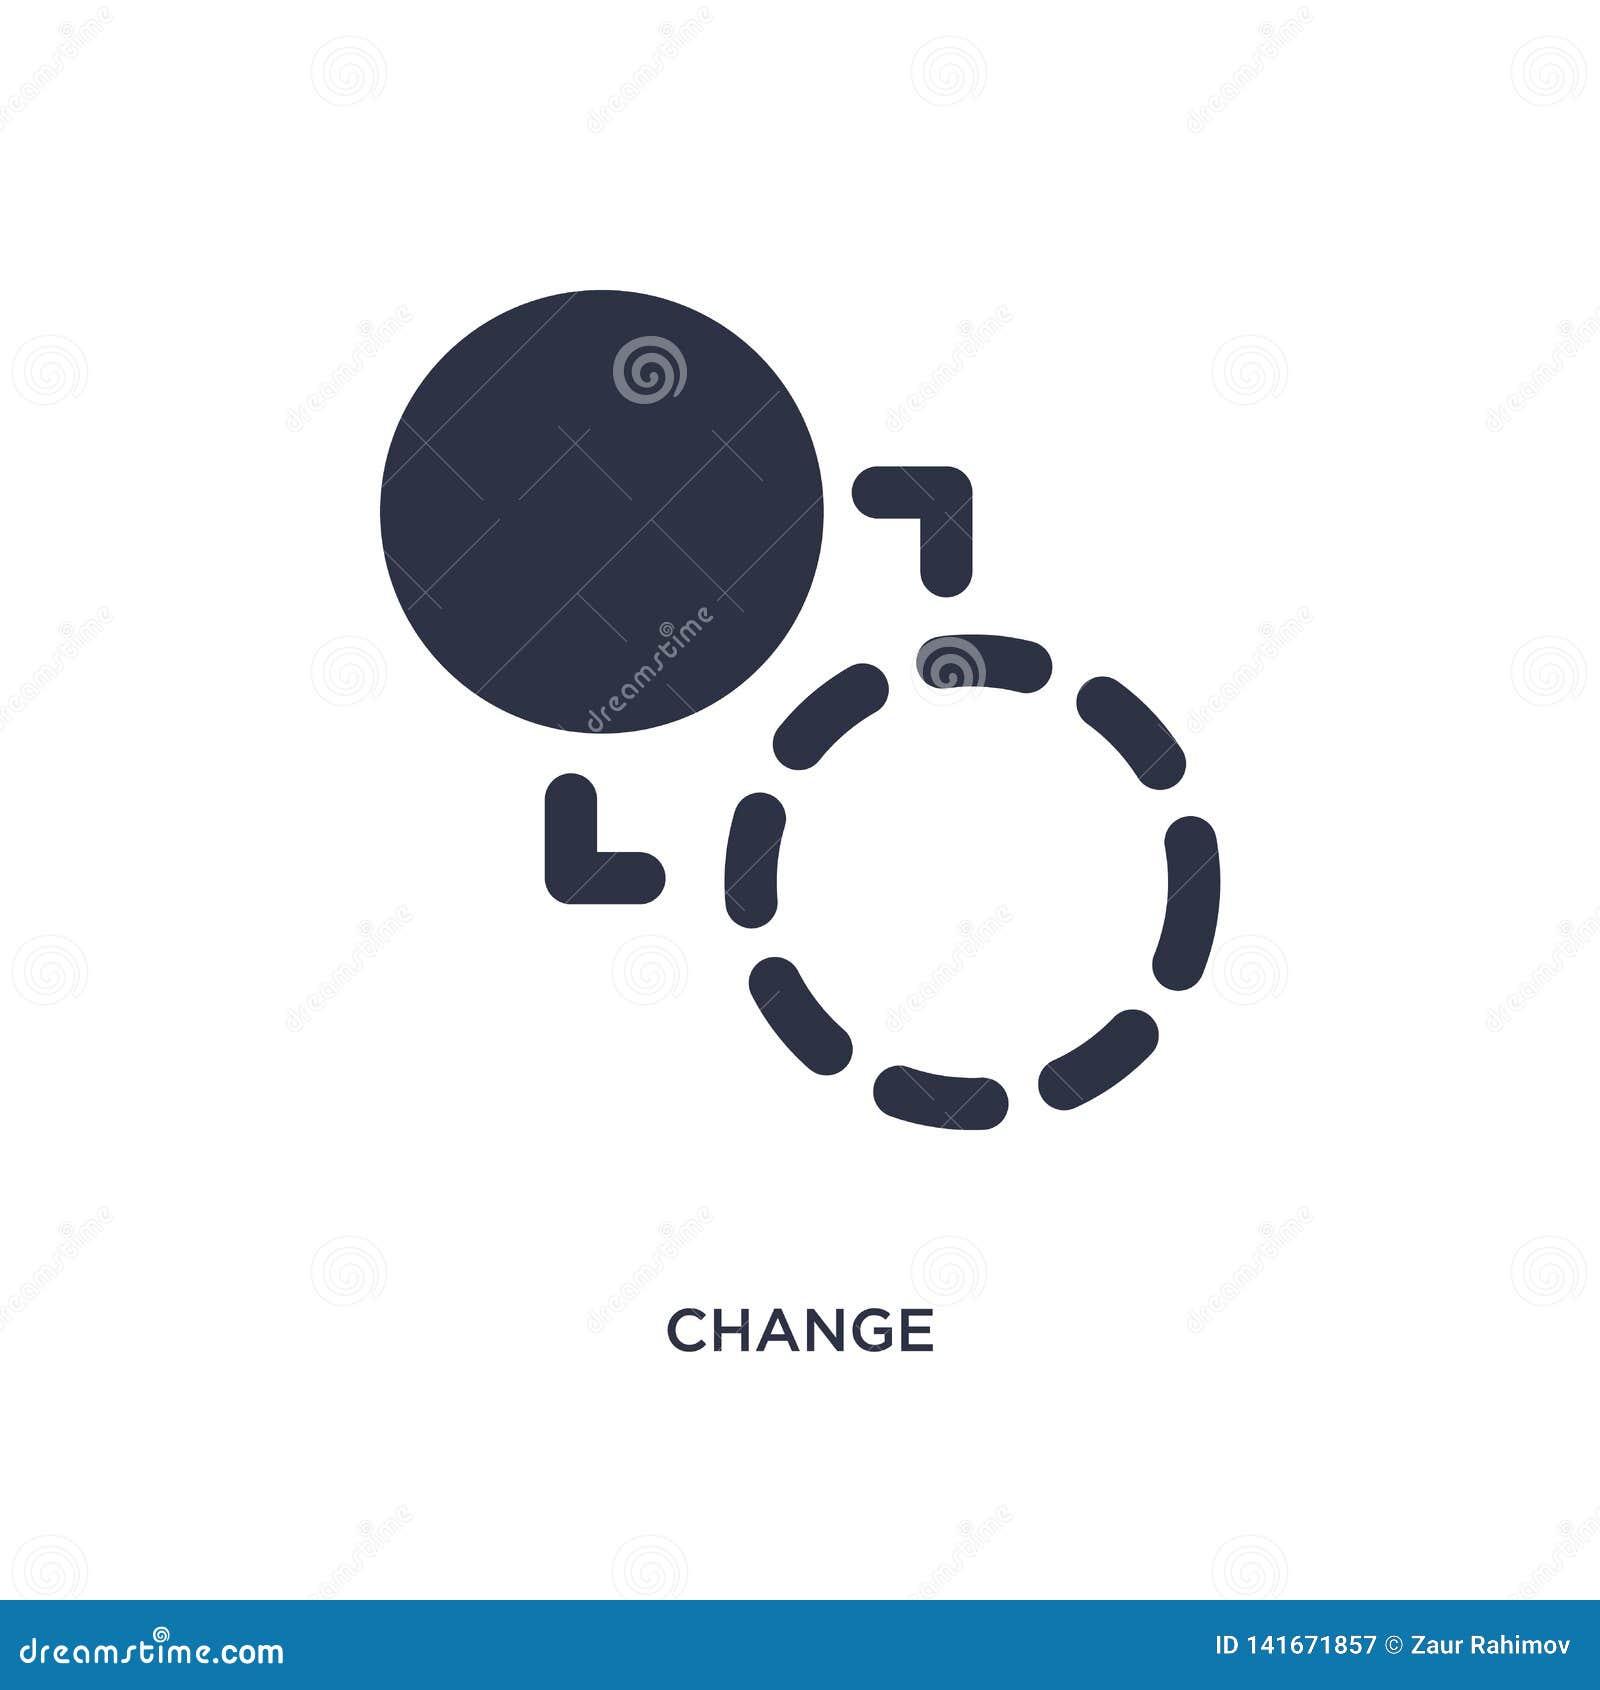 εικονίδιο αλλαγής στο άσπρο υπόβαθρο Απλή απεικόνιση στοιχείων από την έννοια γεωμετρίας